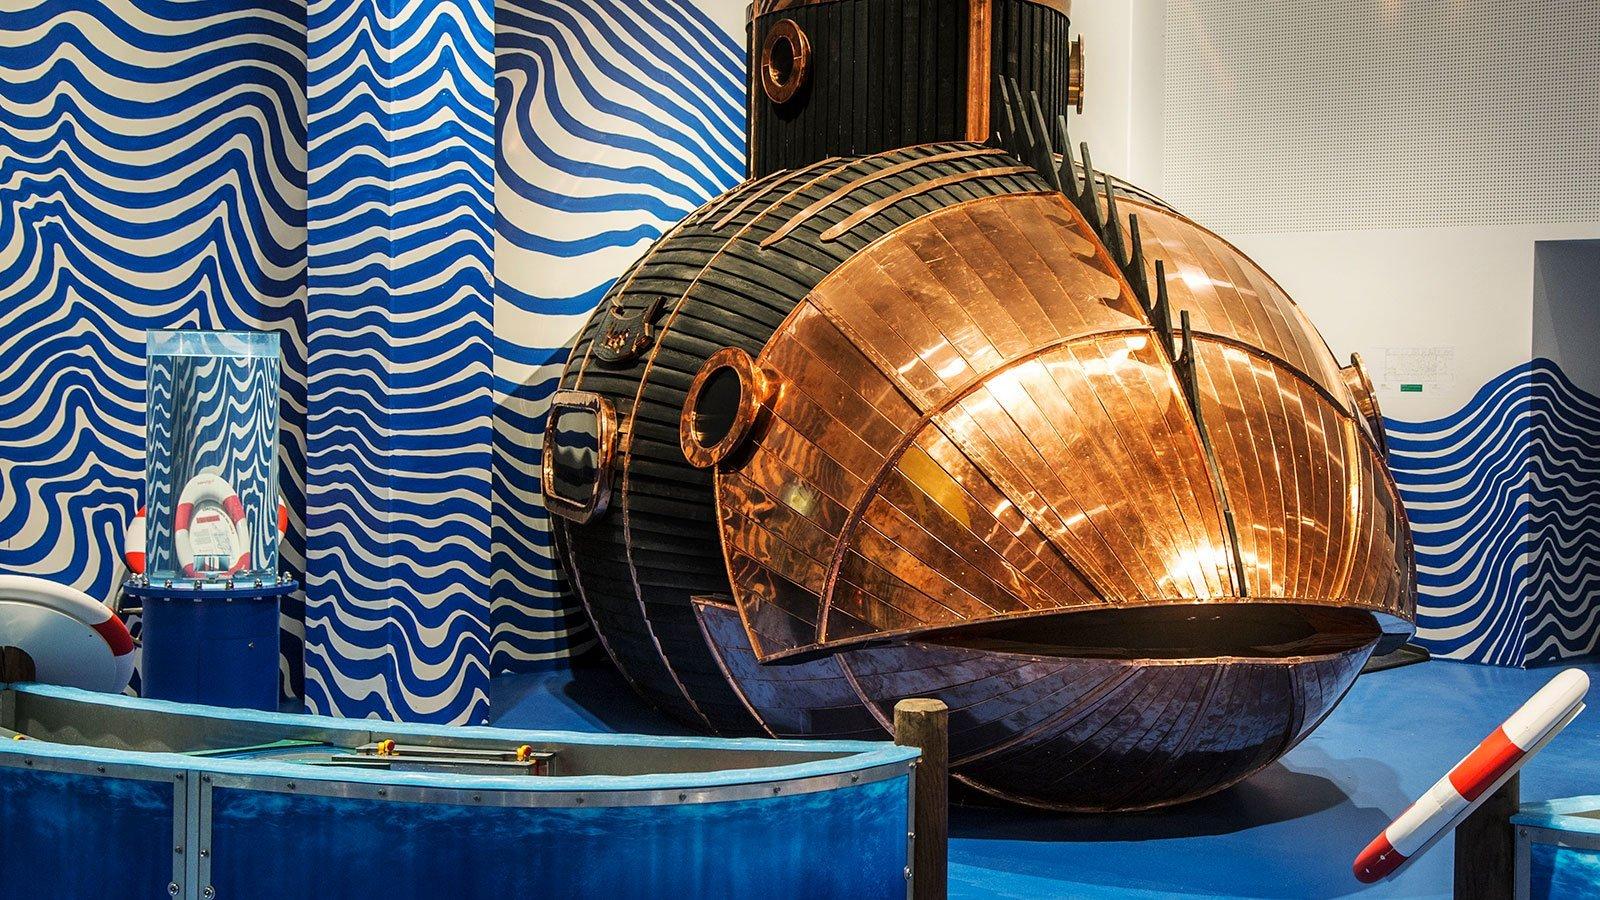 Ubåden ved Straden. Foto: David Trood.